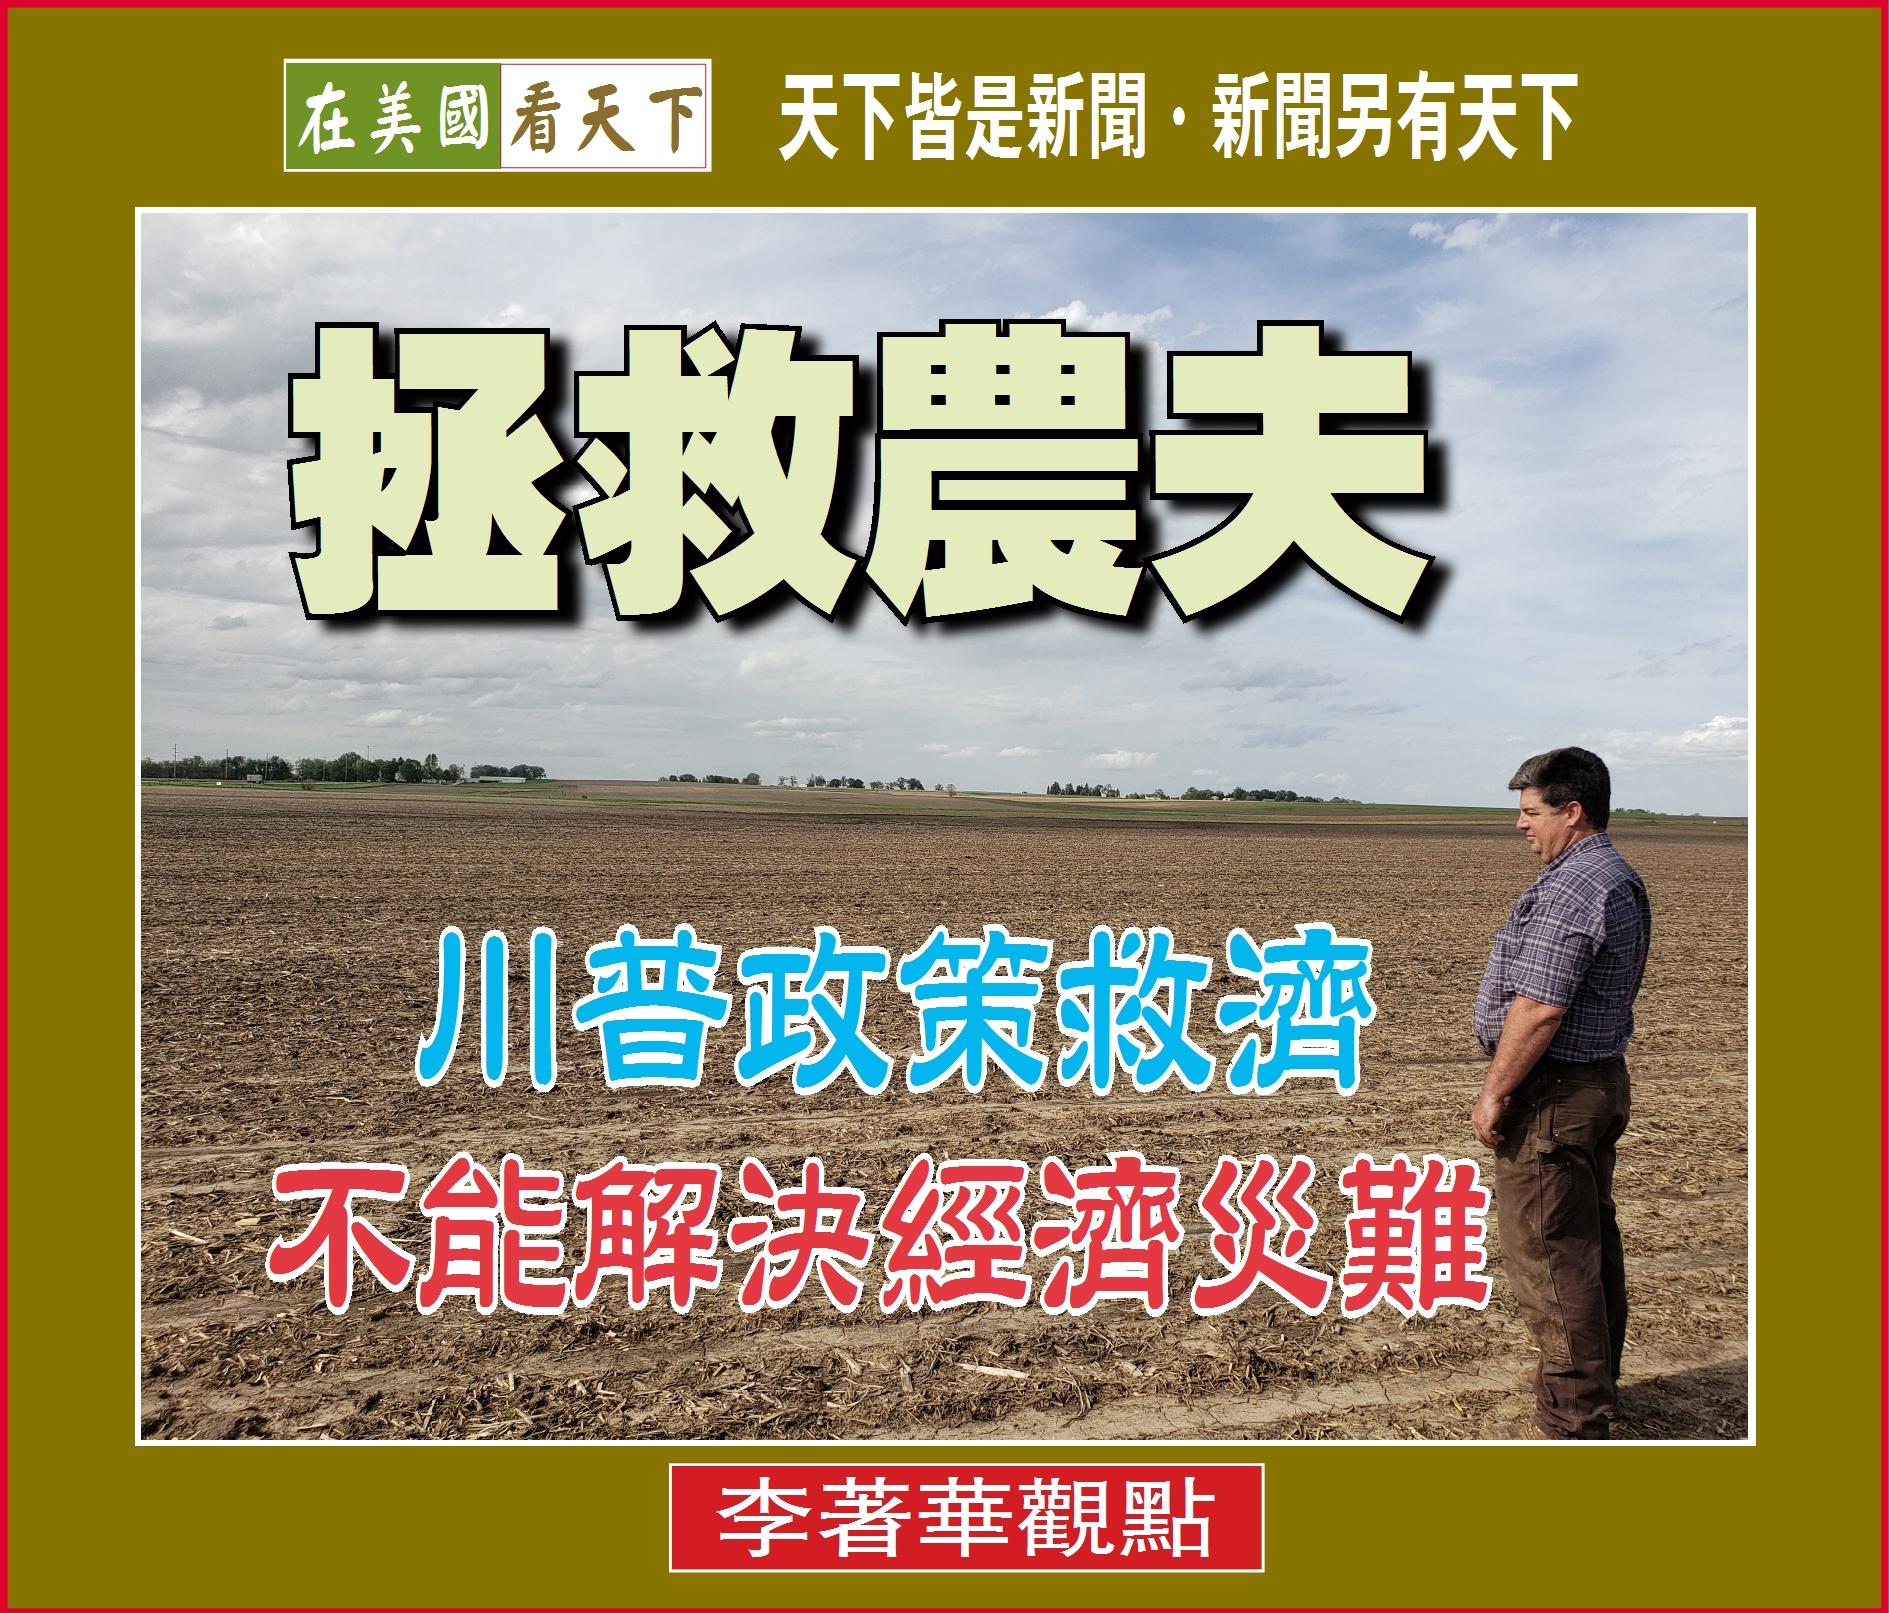 052919-拯救農夫--川普政策救濟不能解決經濟災難.jpg